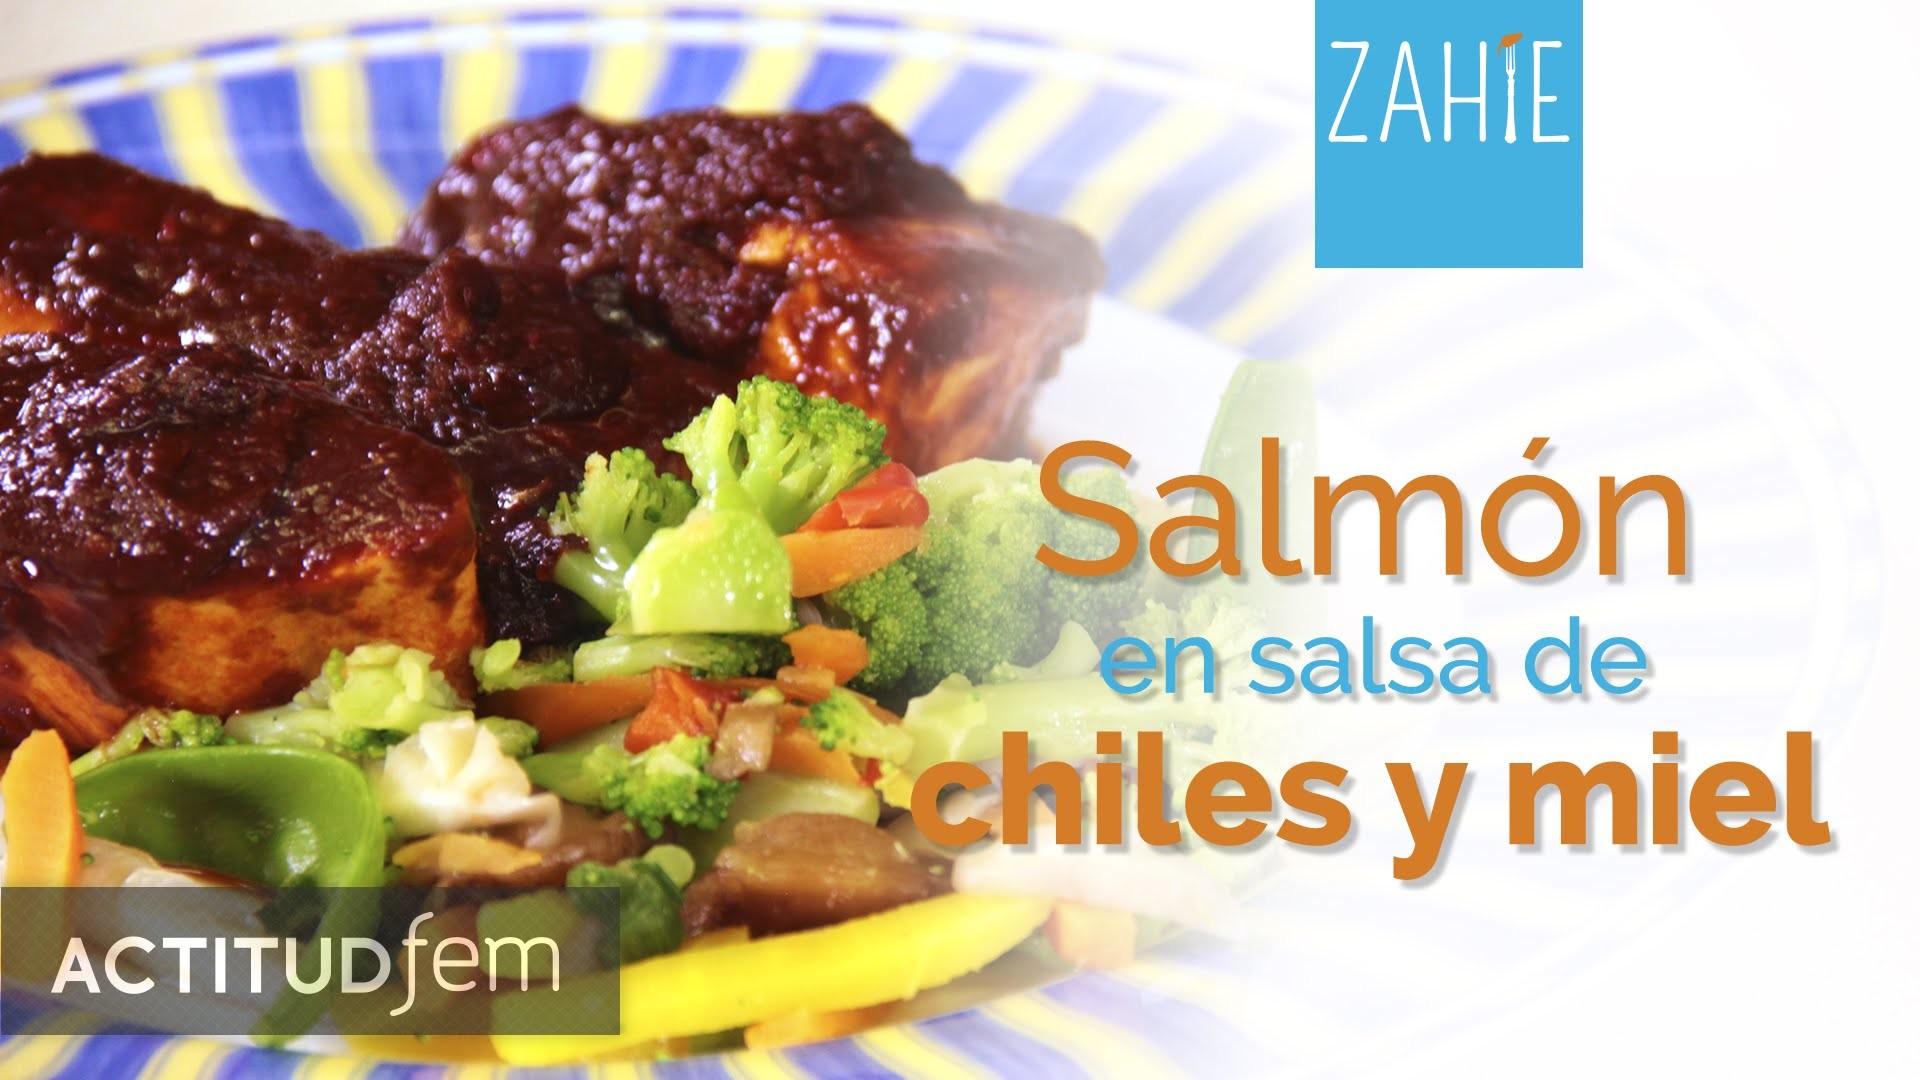 Salmón en salsa de chile y miel | Zahie | ActitudFEM